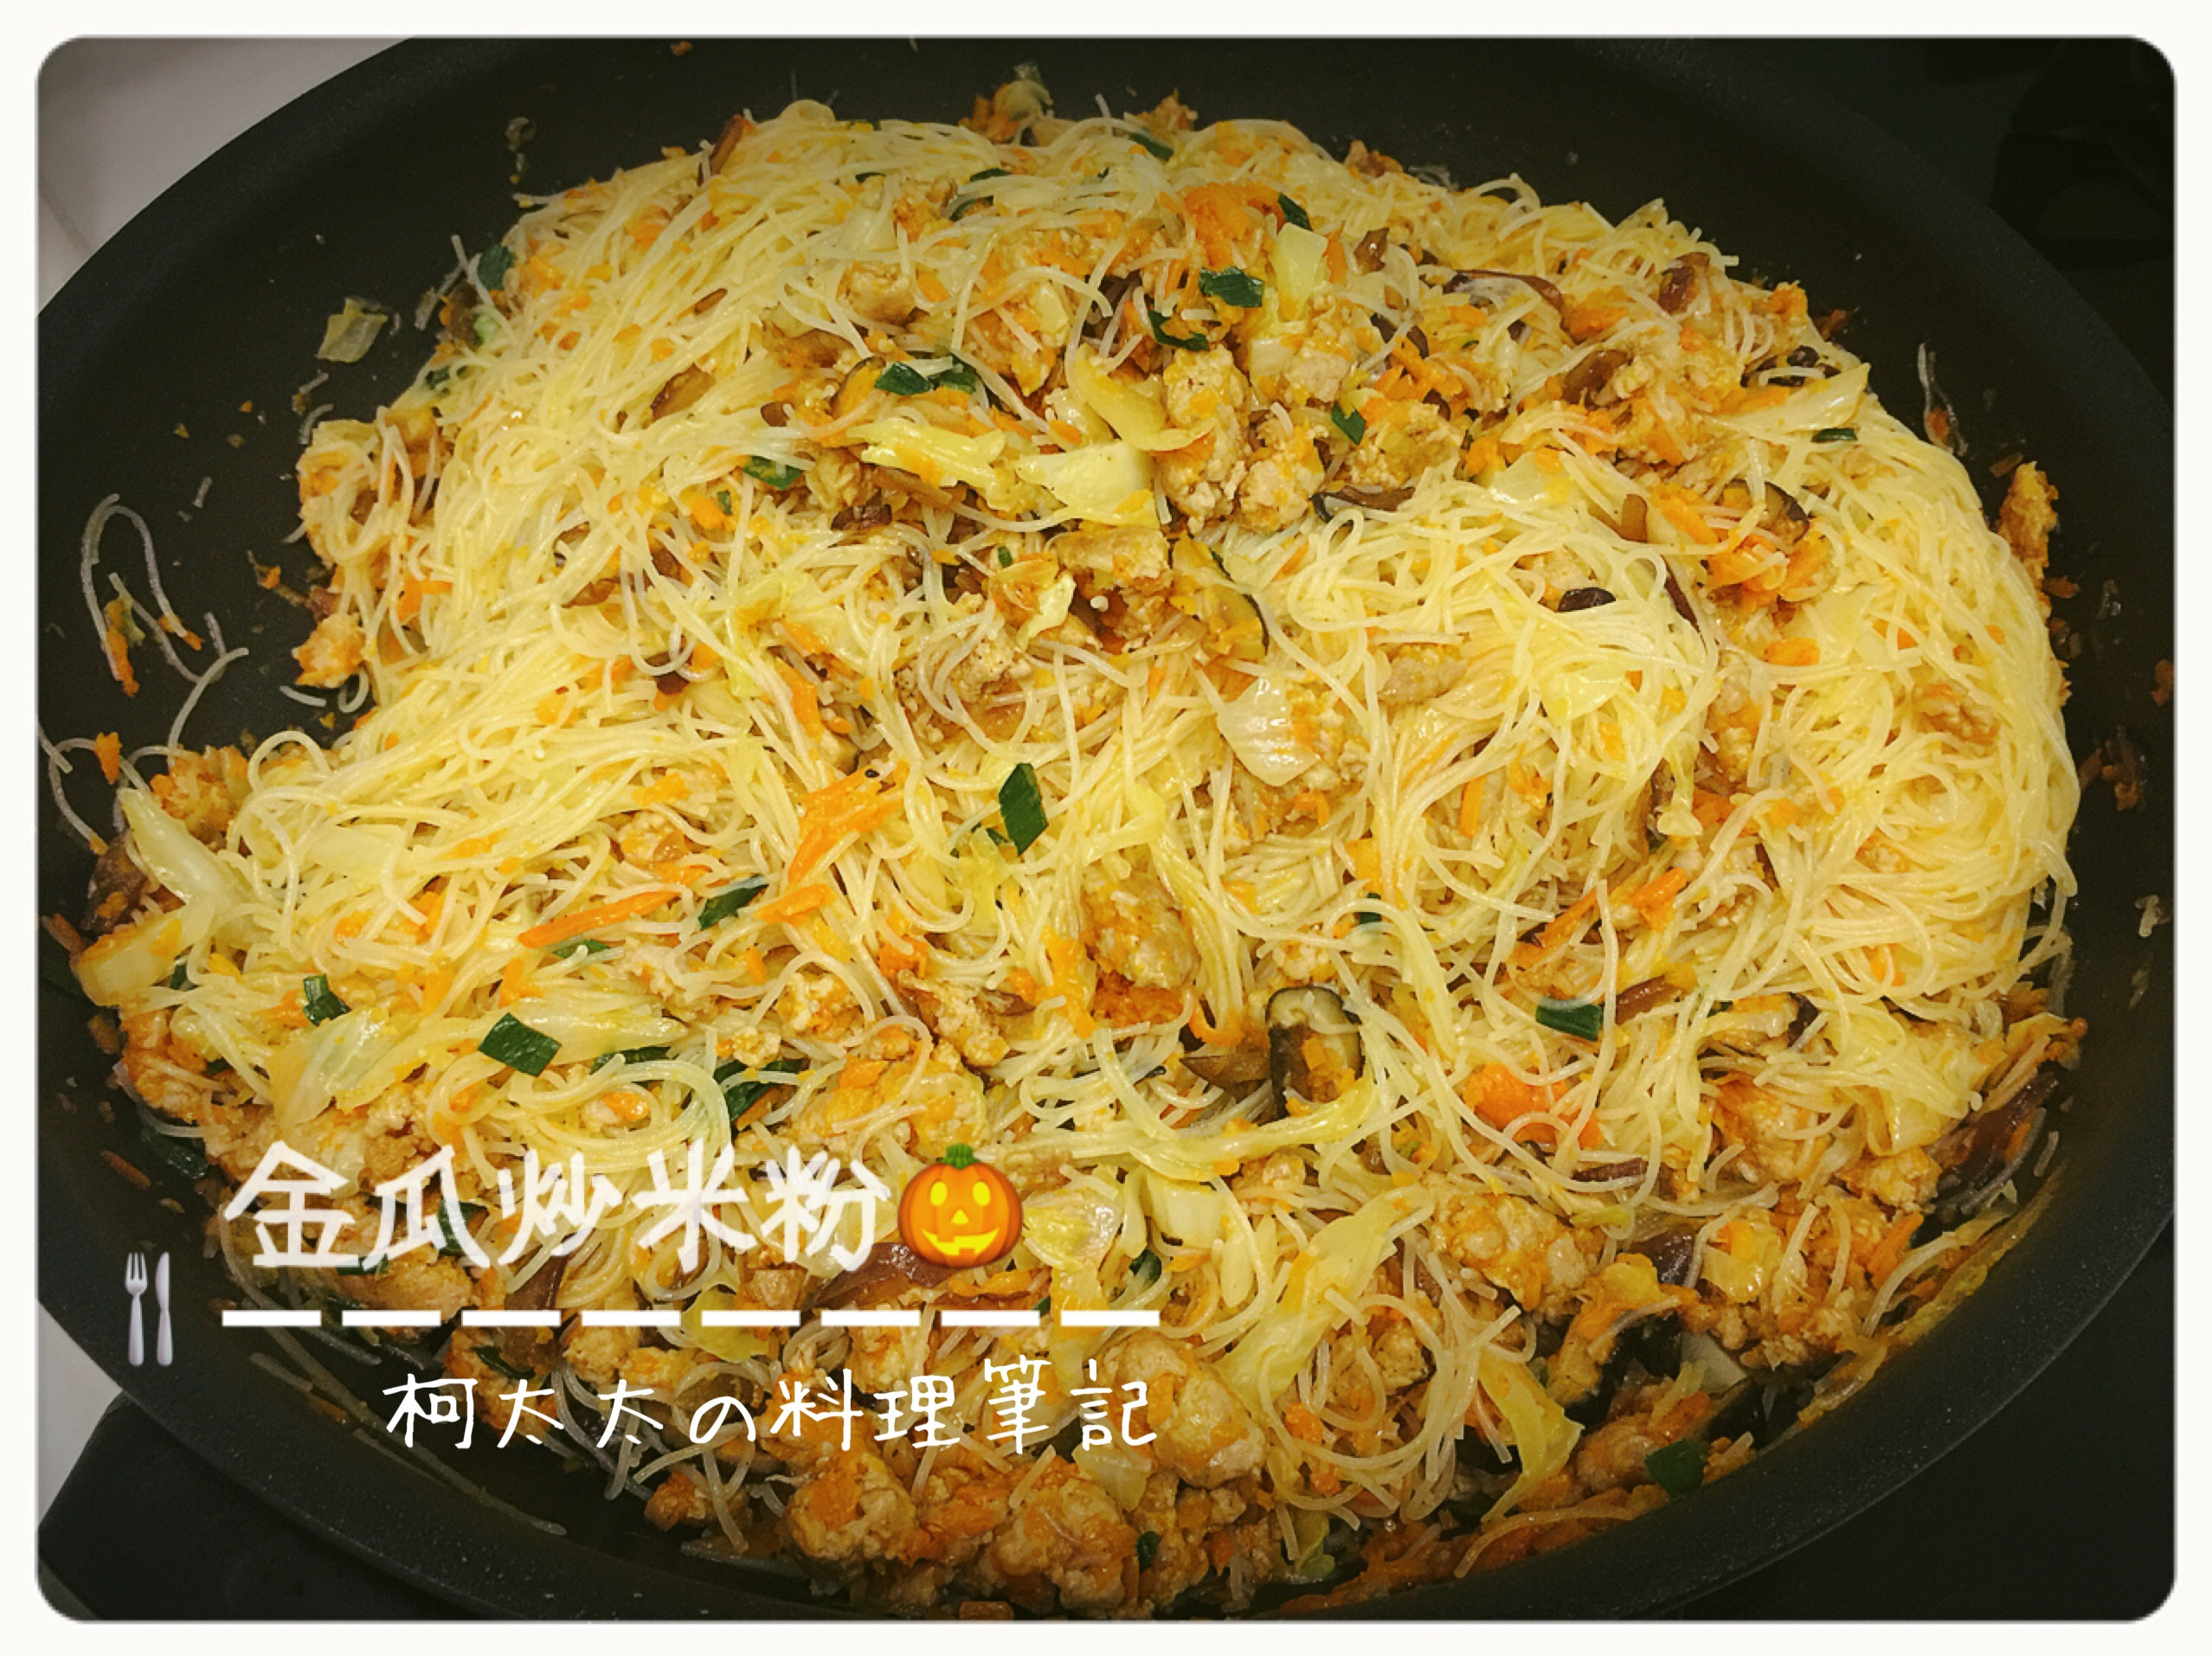 金瓜炒米粉